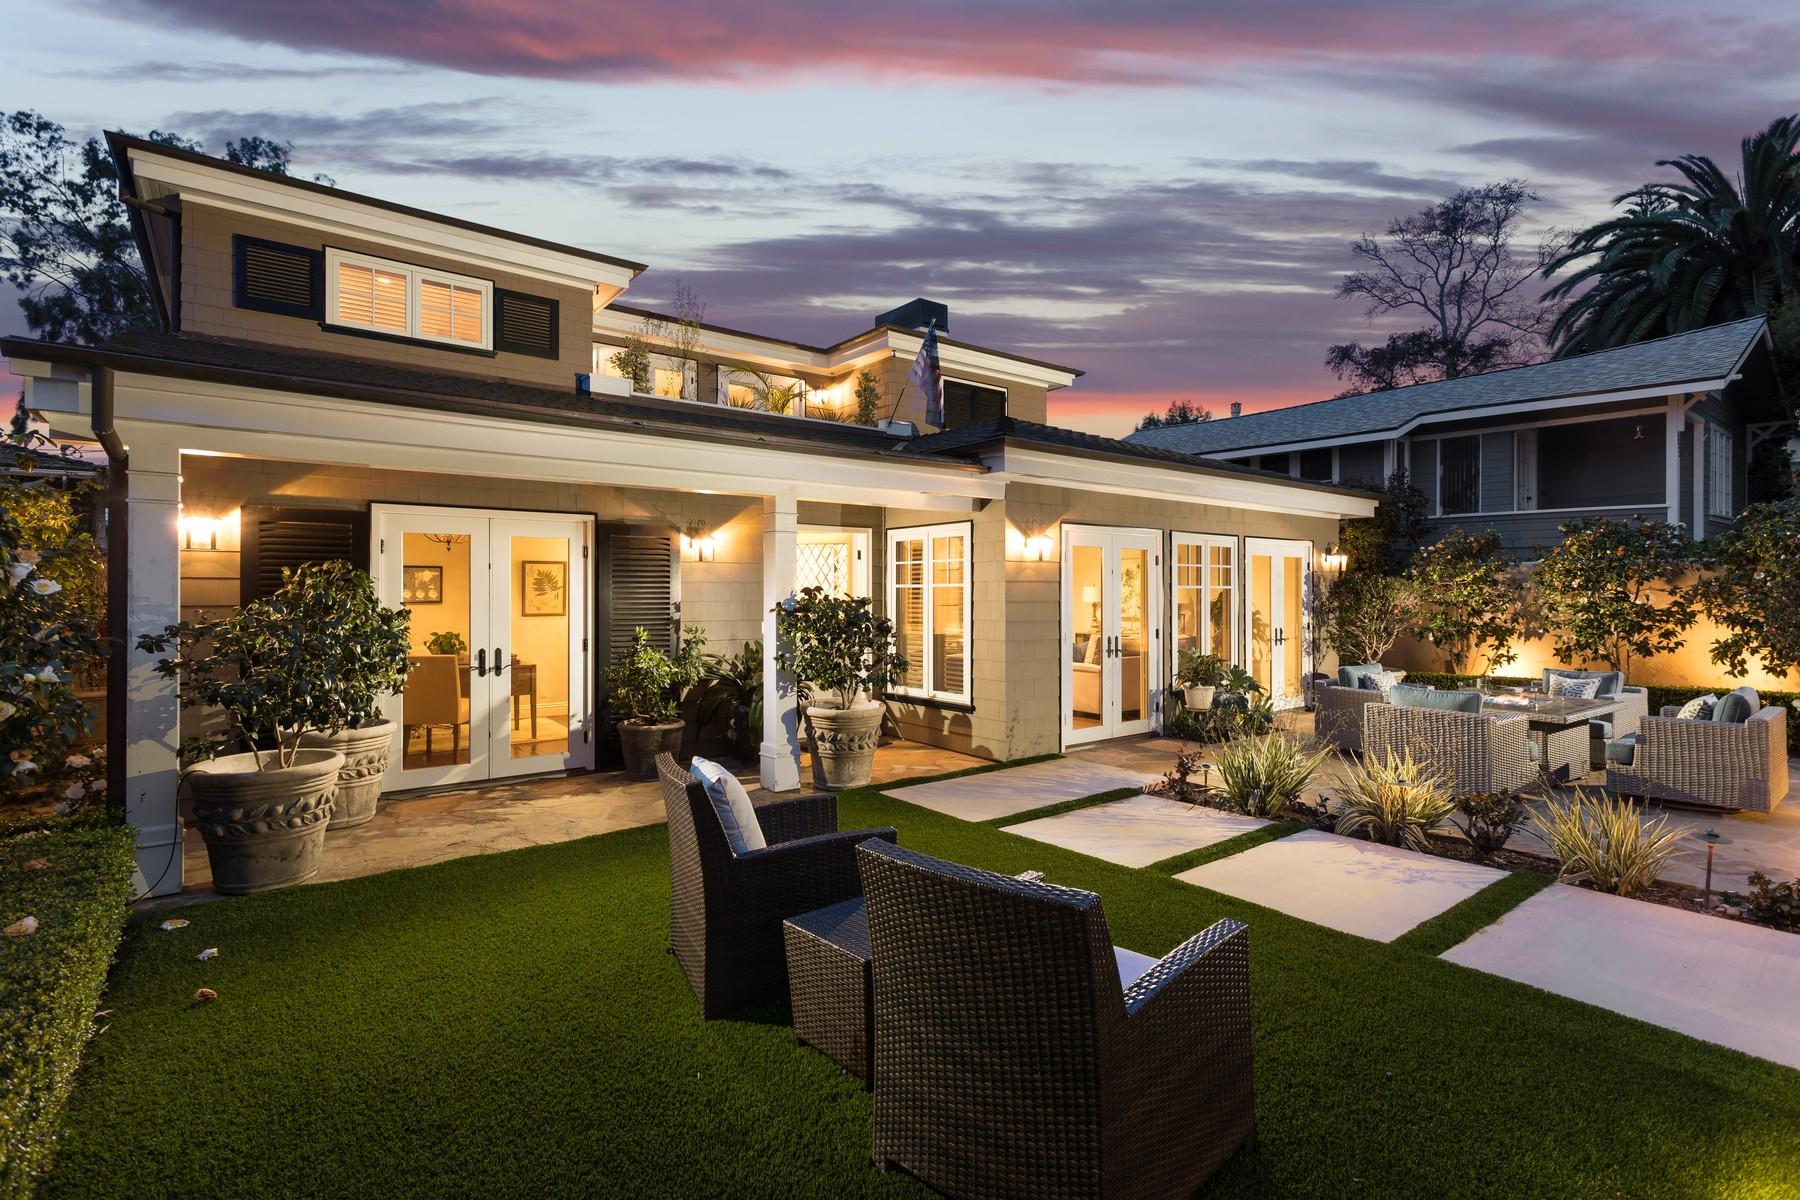 Single Family Home for Sale at 315 Magnolia Dr Laguna Beach, California 92651 United States